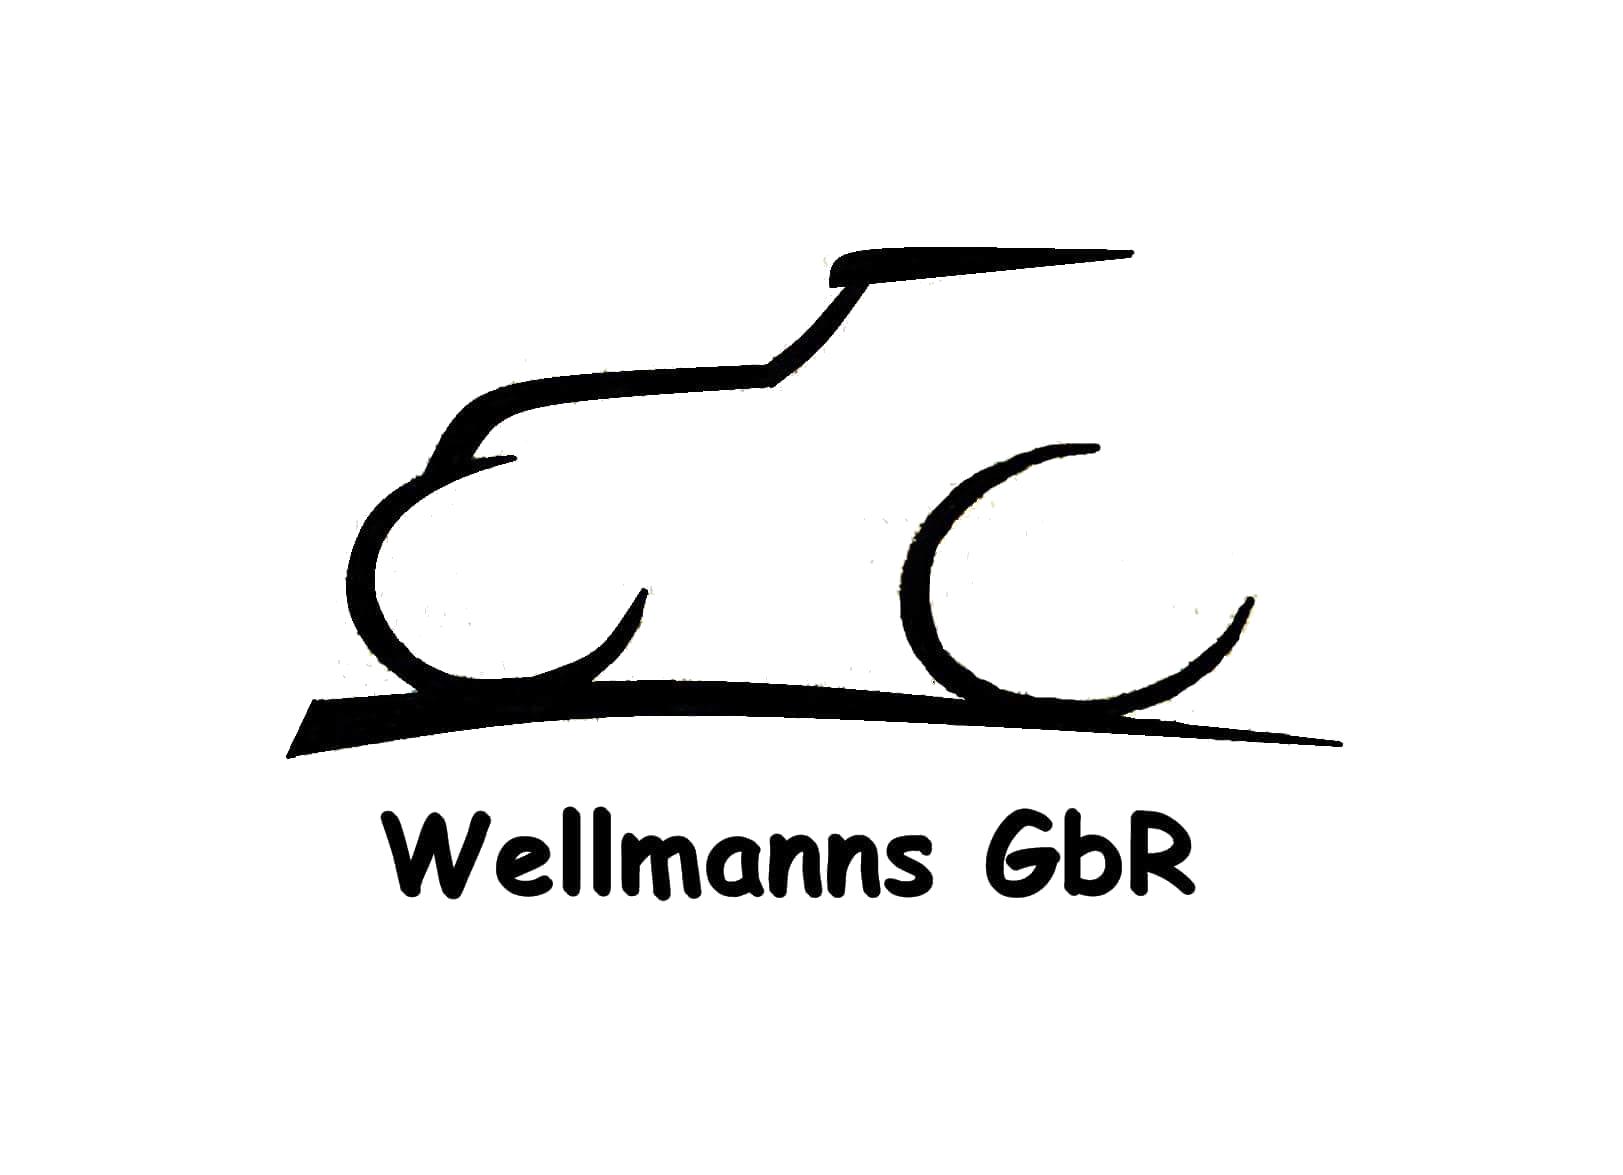 Wellmanns GbR